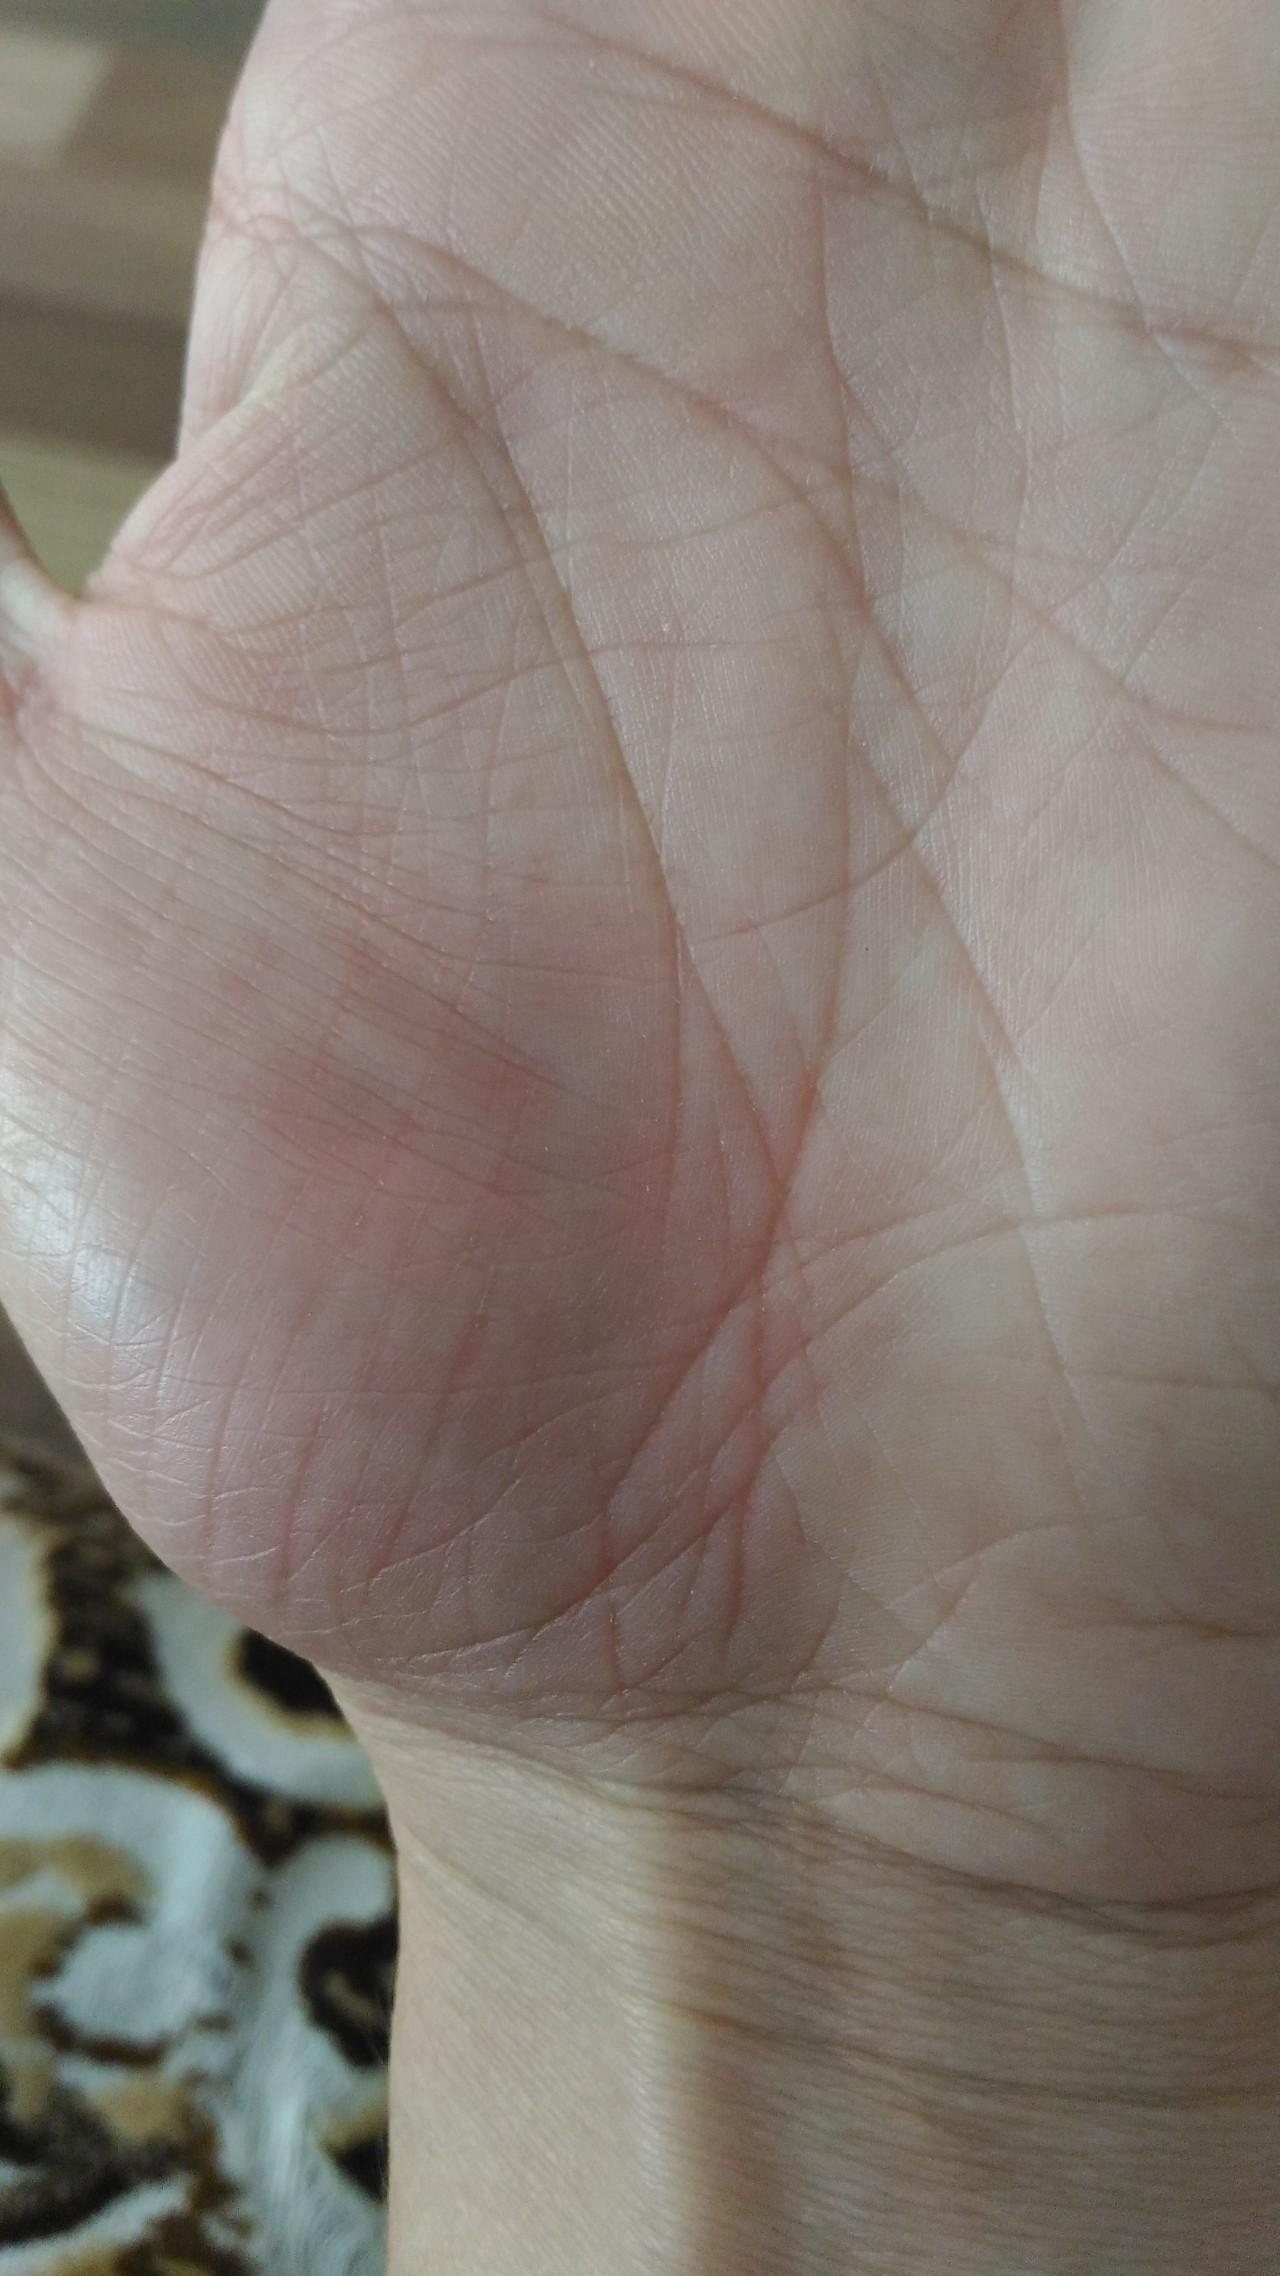 Угловой портал для камина своими руками фото твёрдости имеет